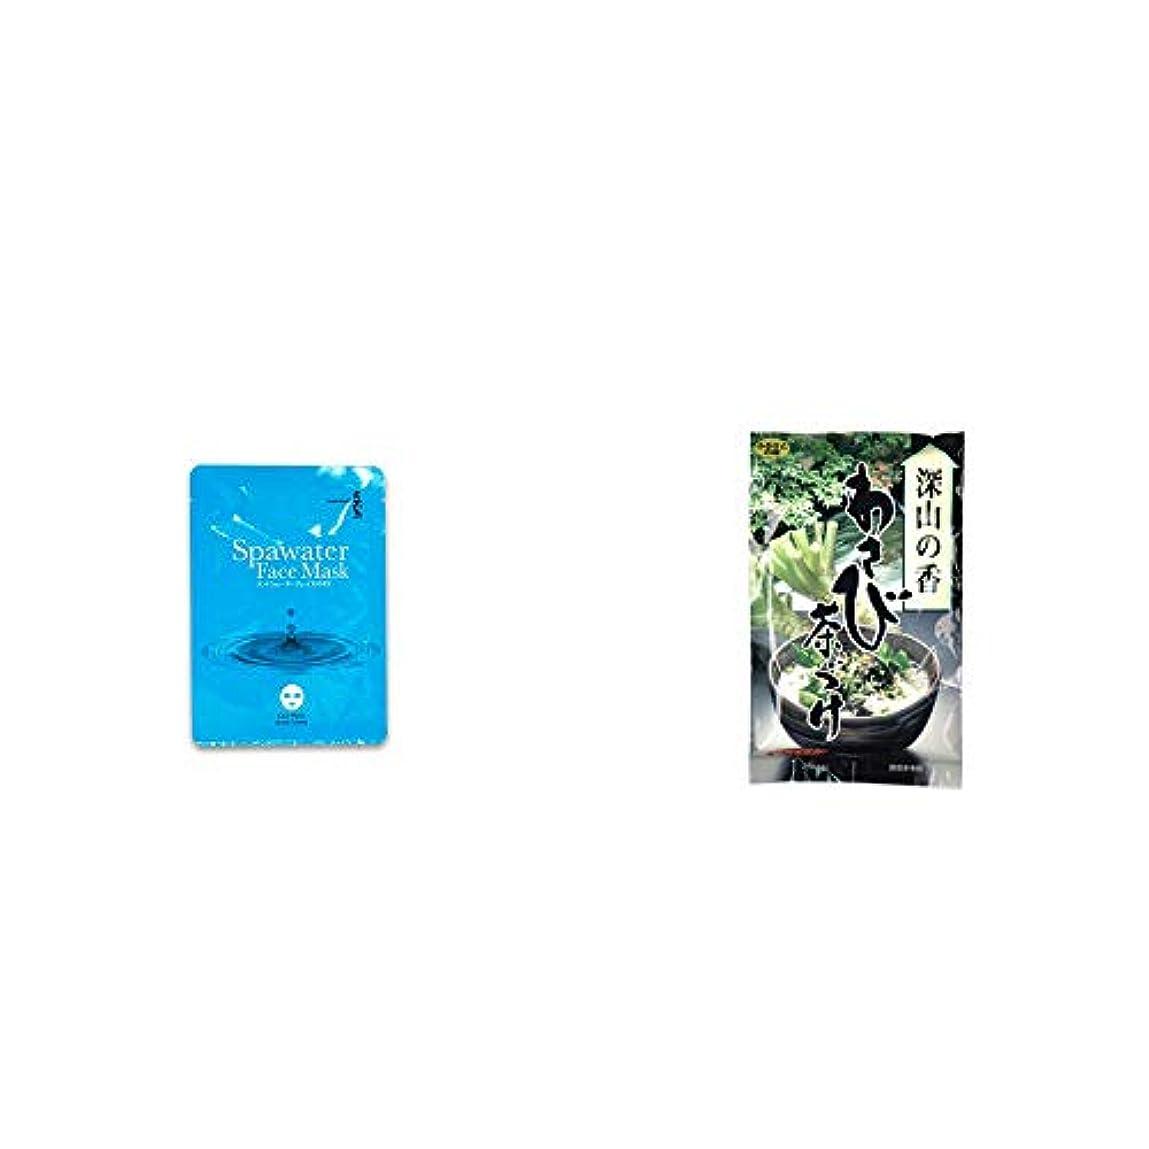 和却下するバックグラウンド[2点セット] ひのき炭黒泉 スパウォーターフェイスマスク(18ml×3枚入)?特選茶漬け 深山の香 わさび茶づけ(10袋入)